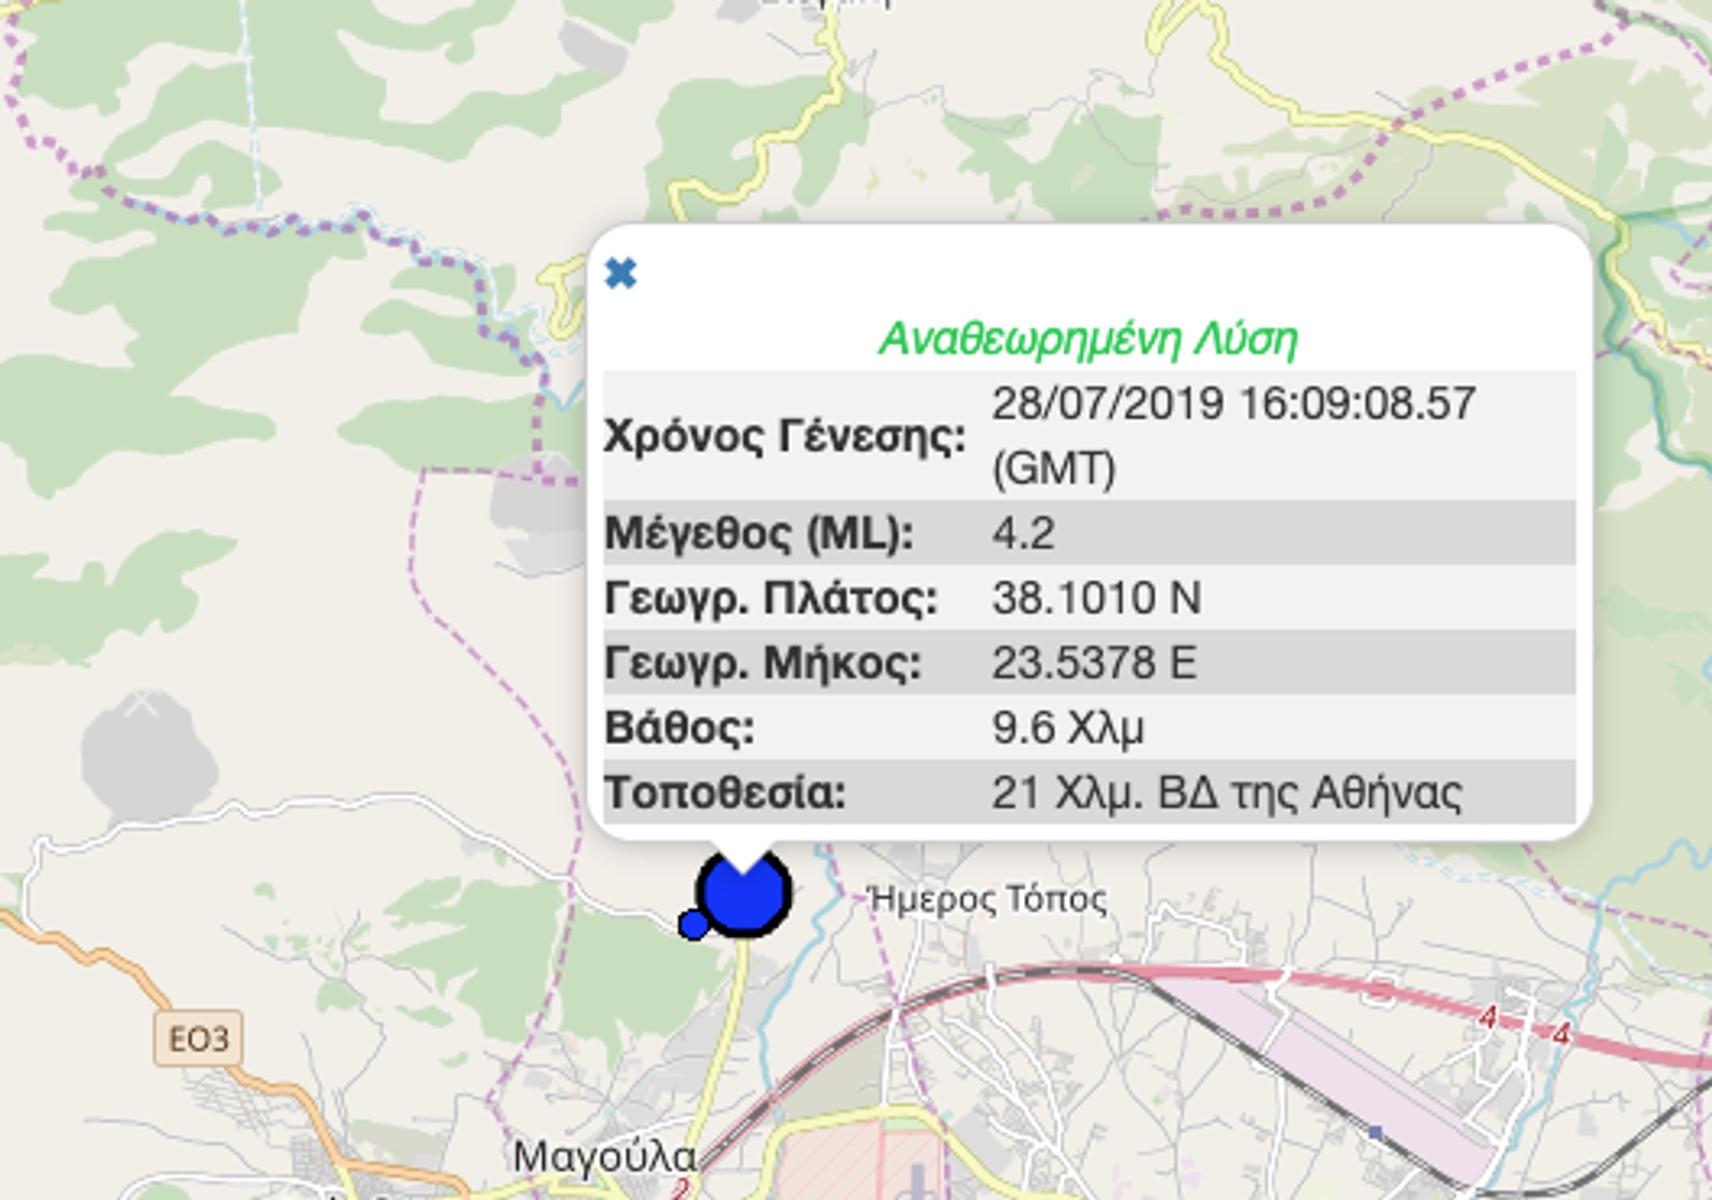 Σεισμός 4,2 ρίχτερ στην Αθήνα - Τι λένε οι σεισμολόγοι